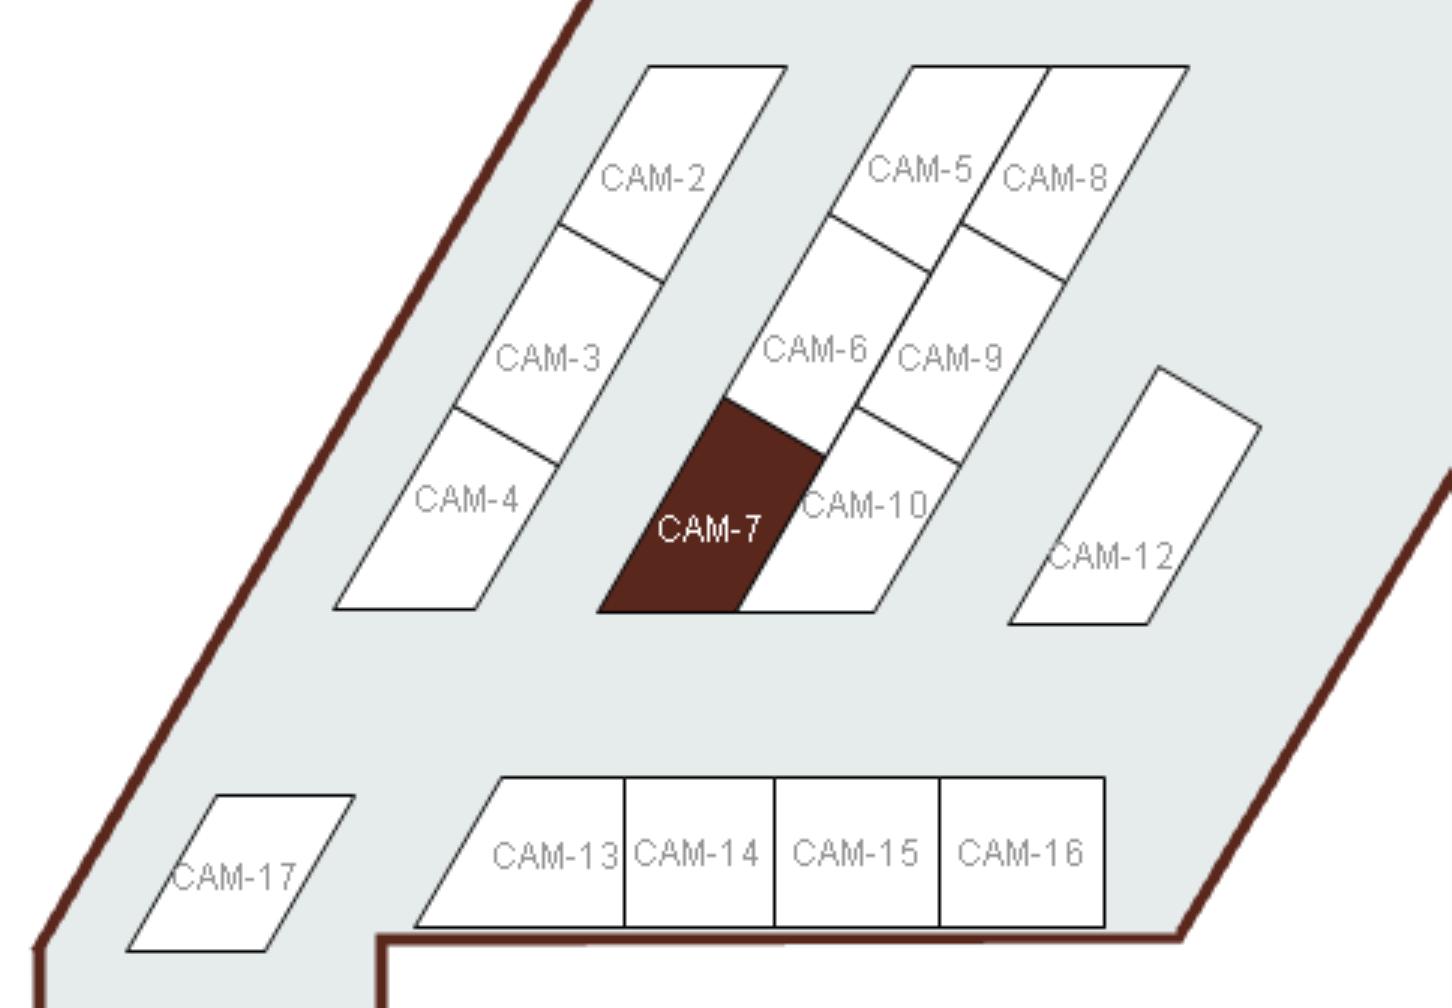 FOYWEST / CAM-7